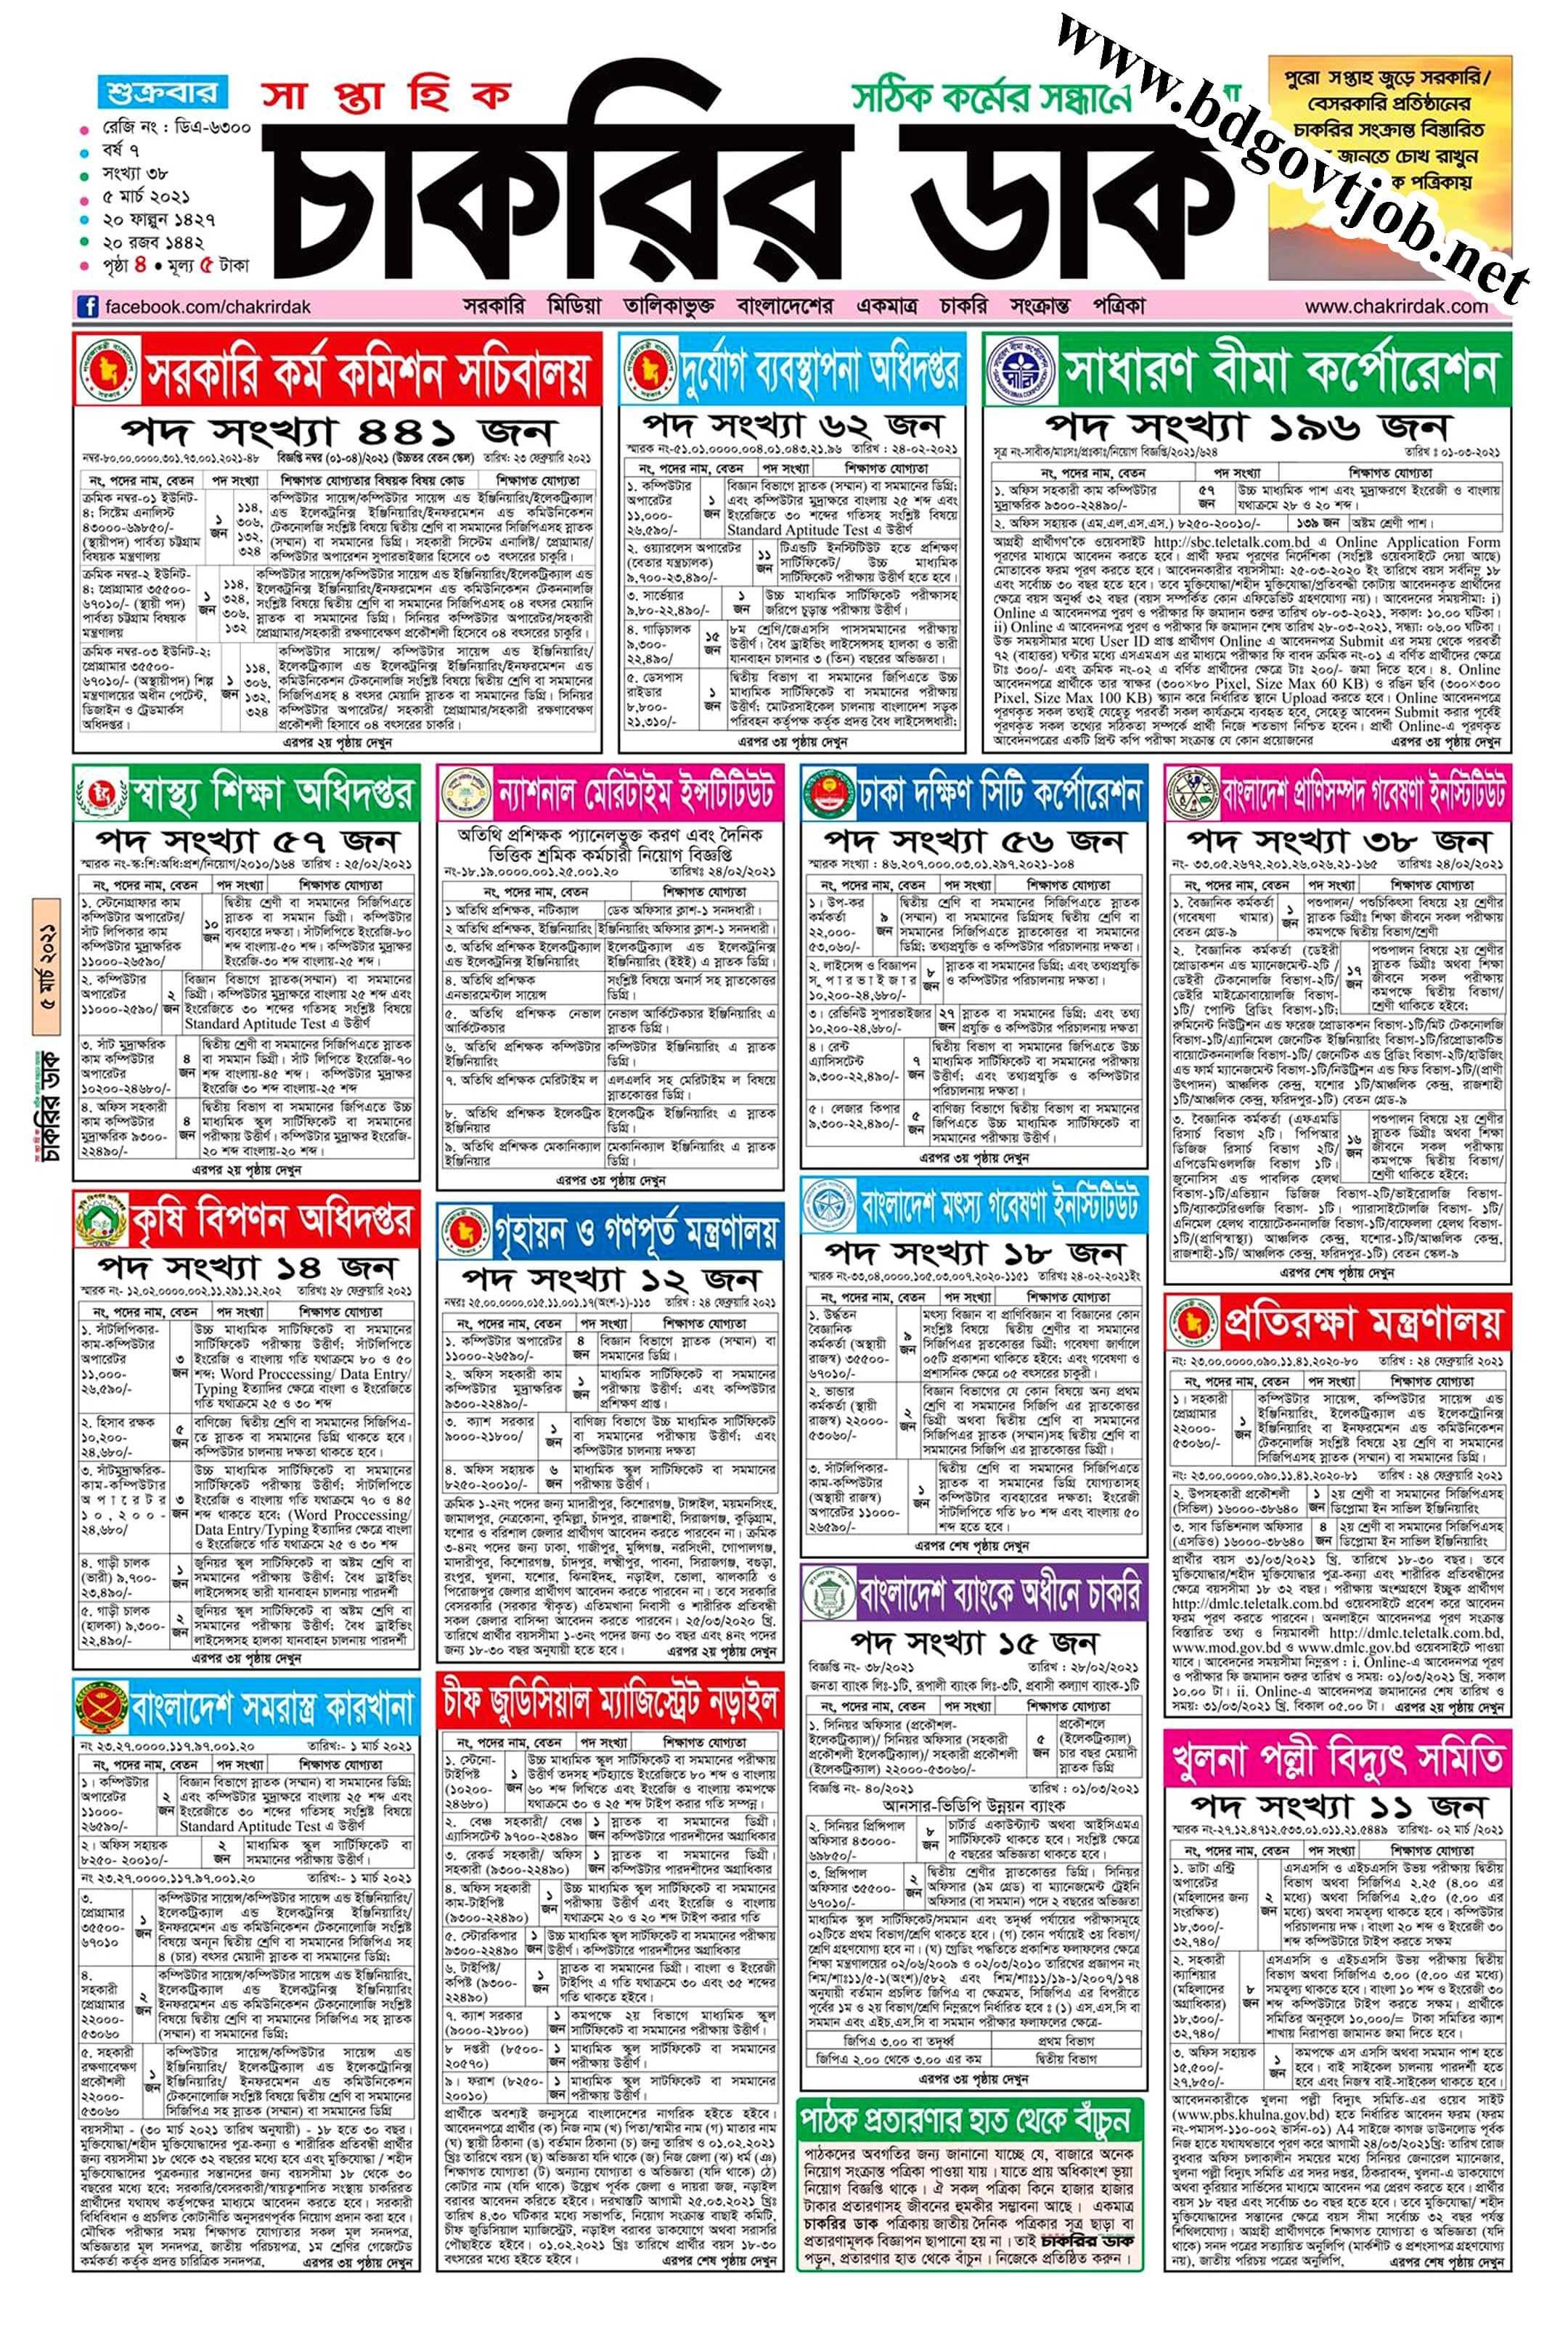 Saptahik Chakrir Dak 05 March 2021